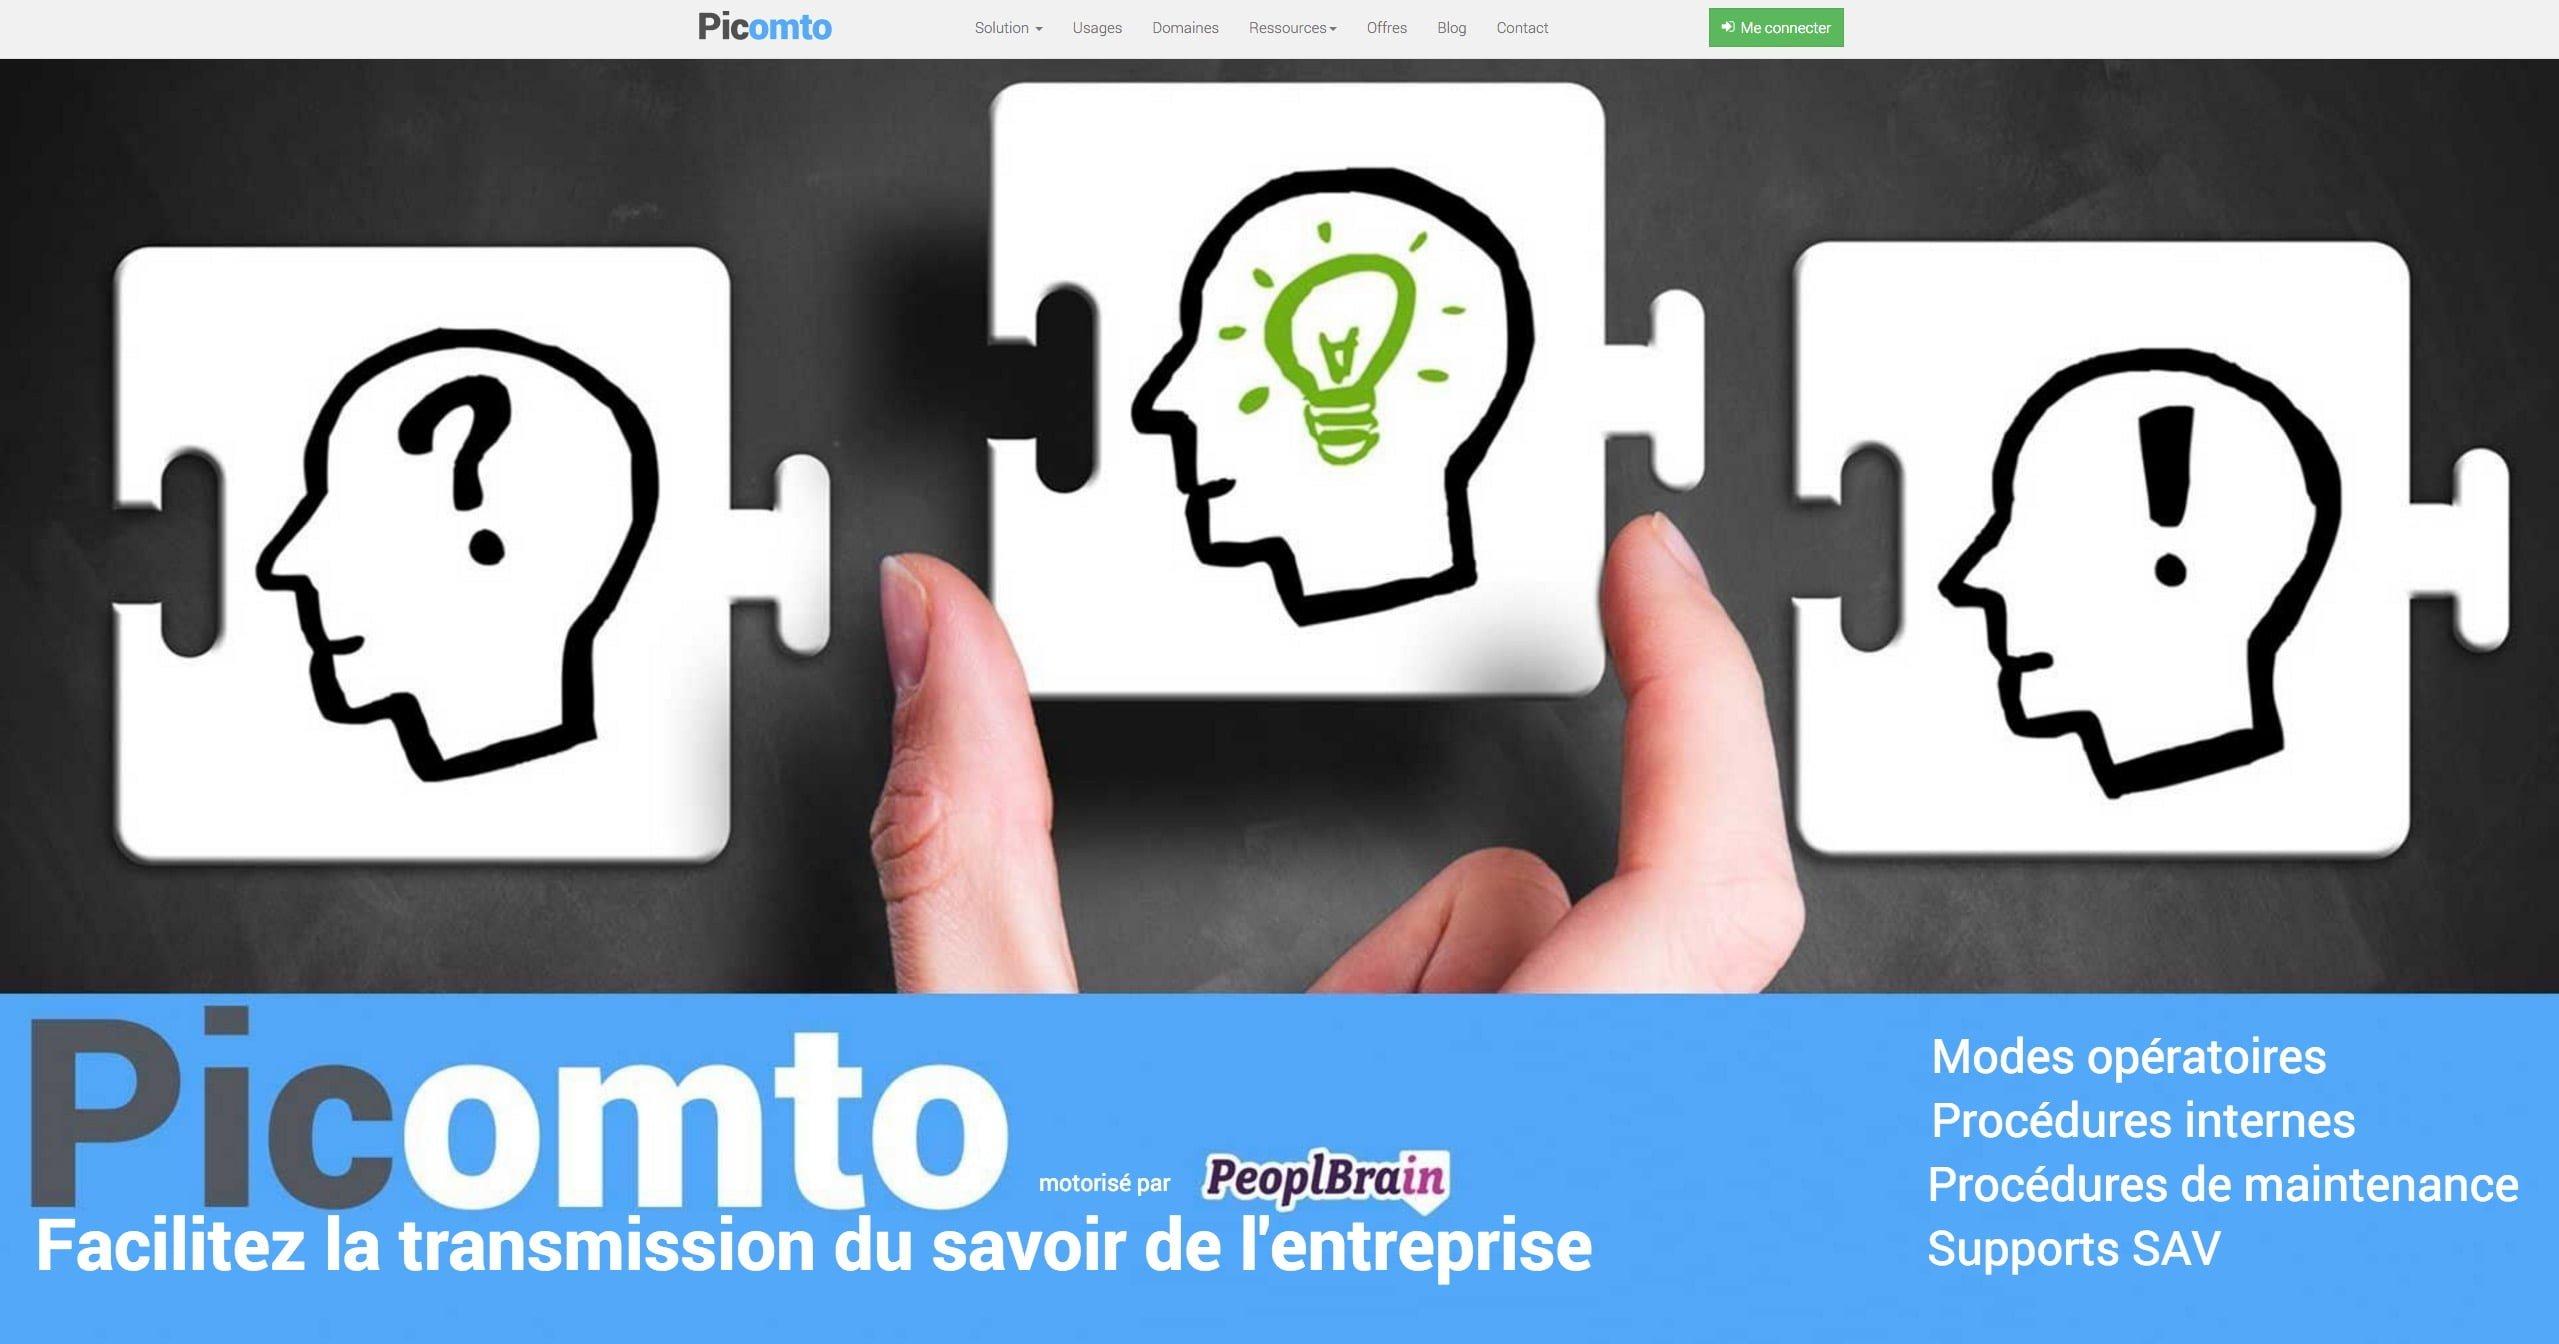 Picomto, une solution innovante pour partager facilement le savoir de l'entreprise !